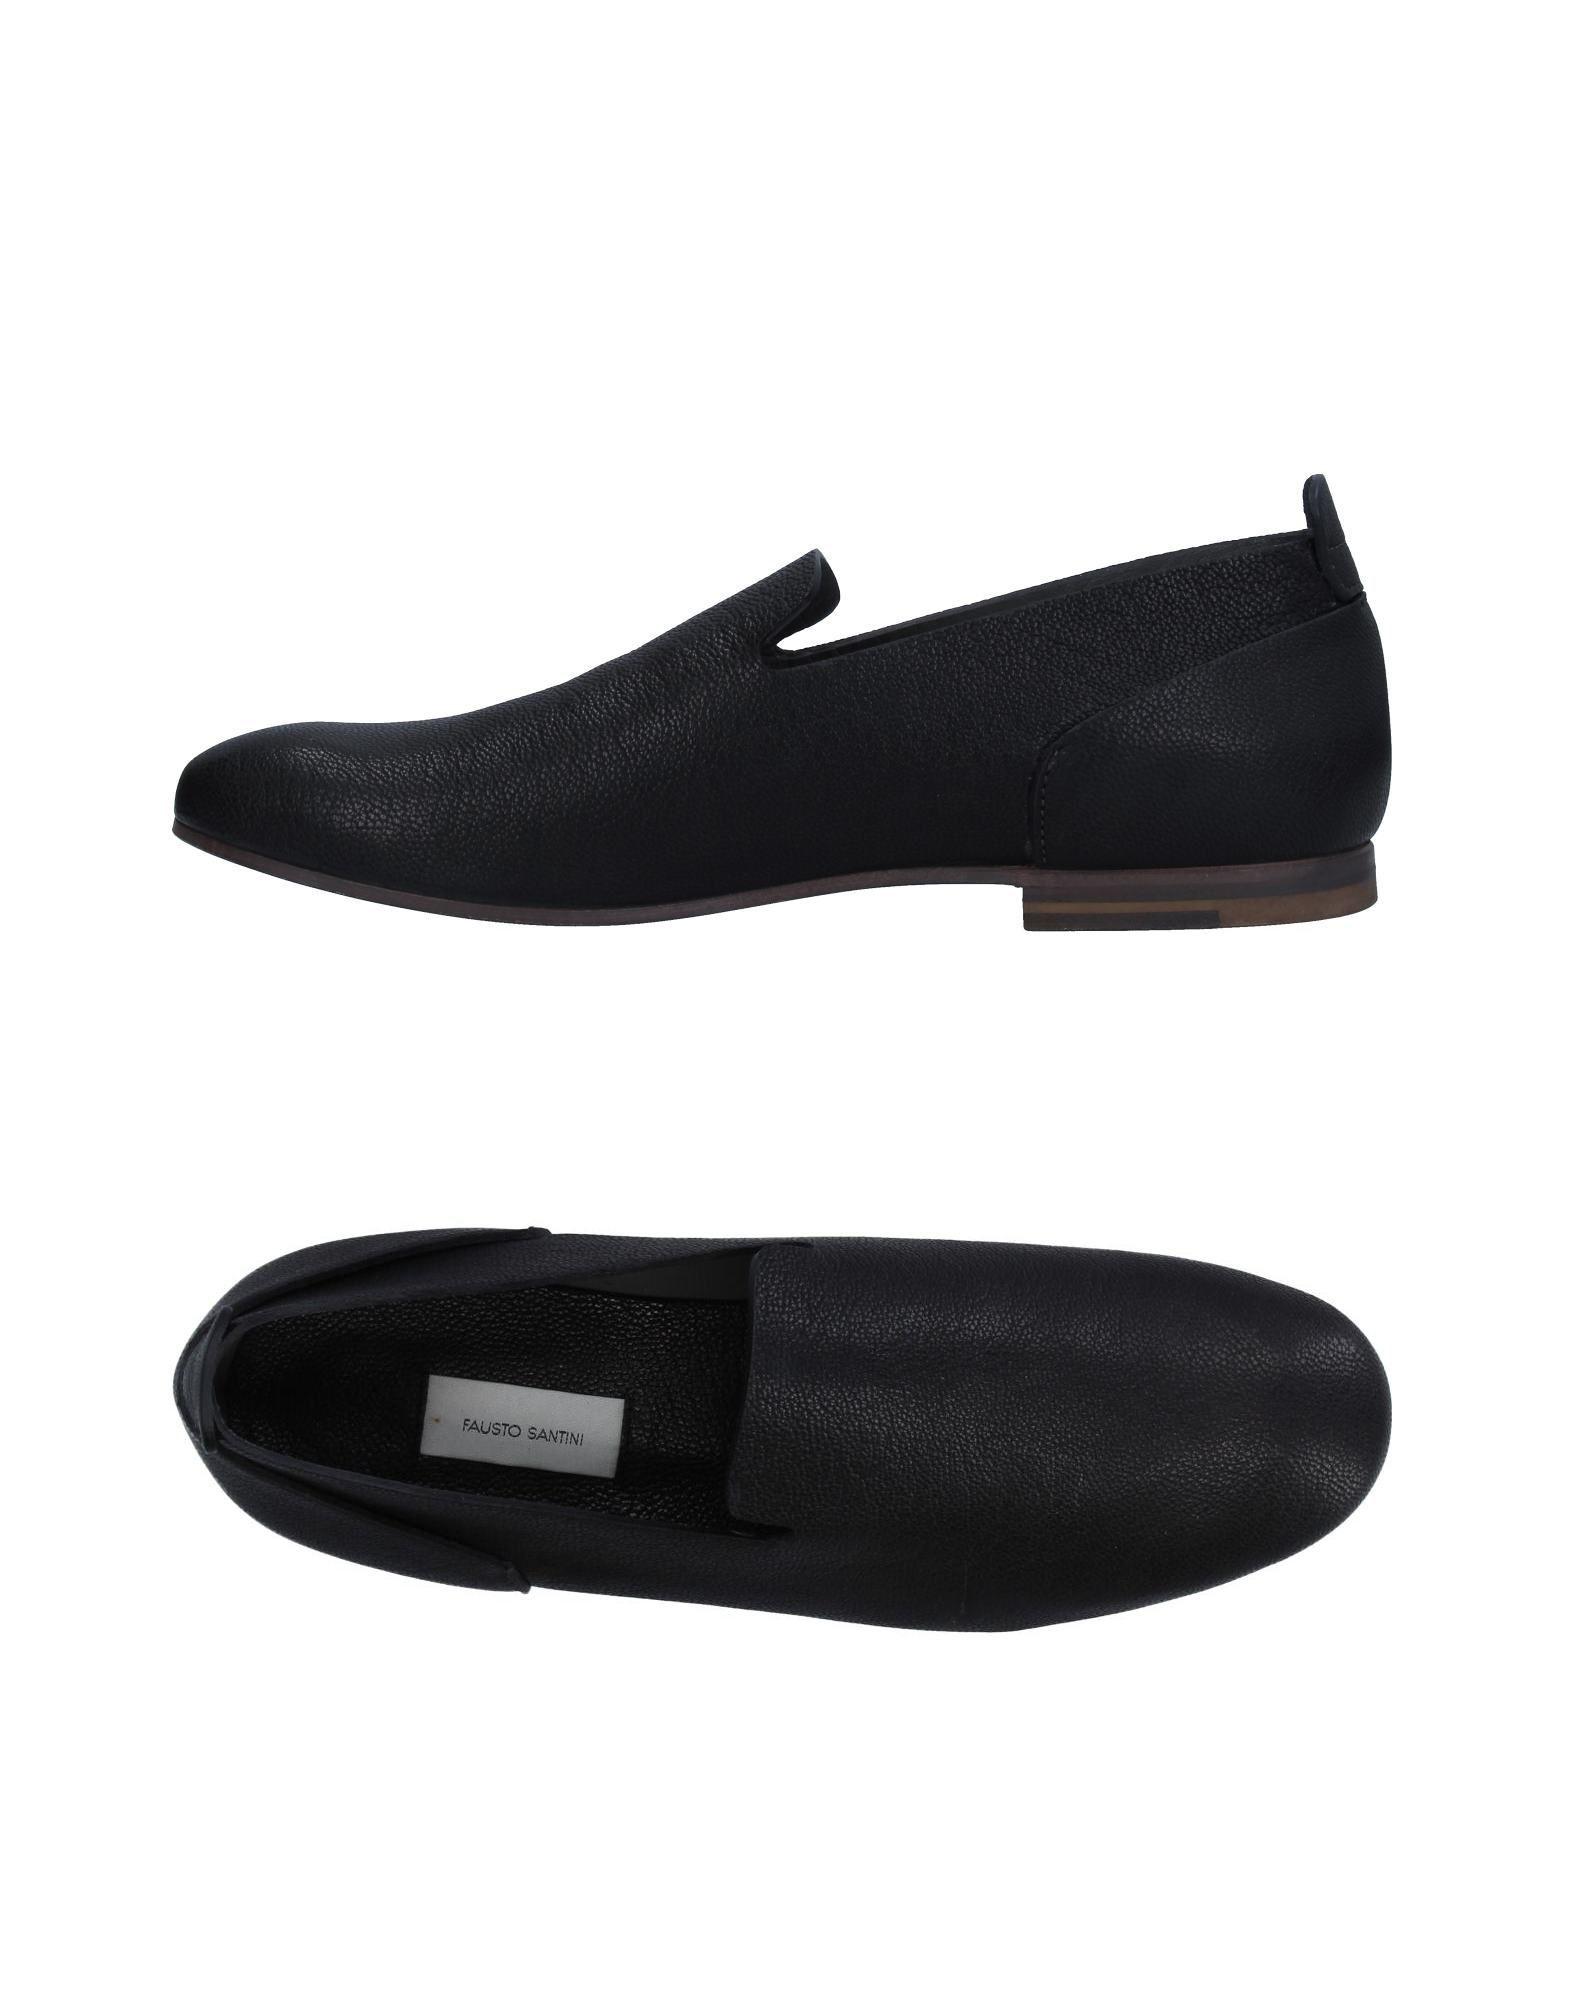 Fausto Santini Mens Shoes